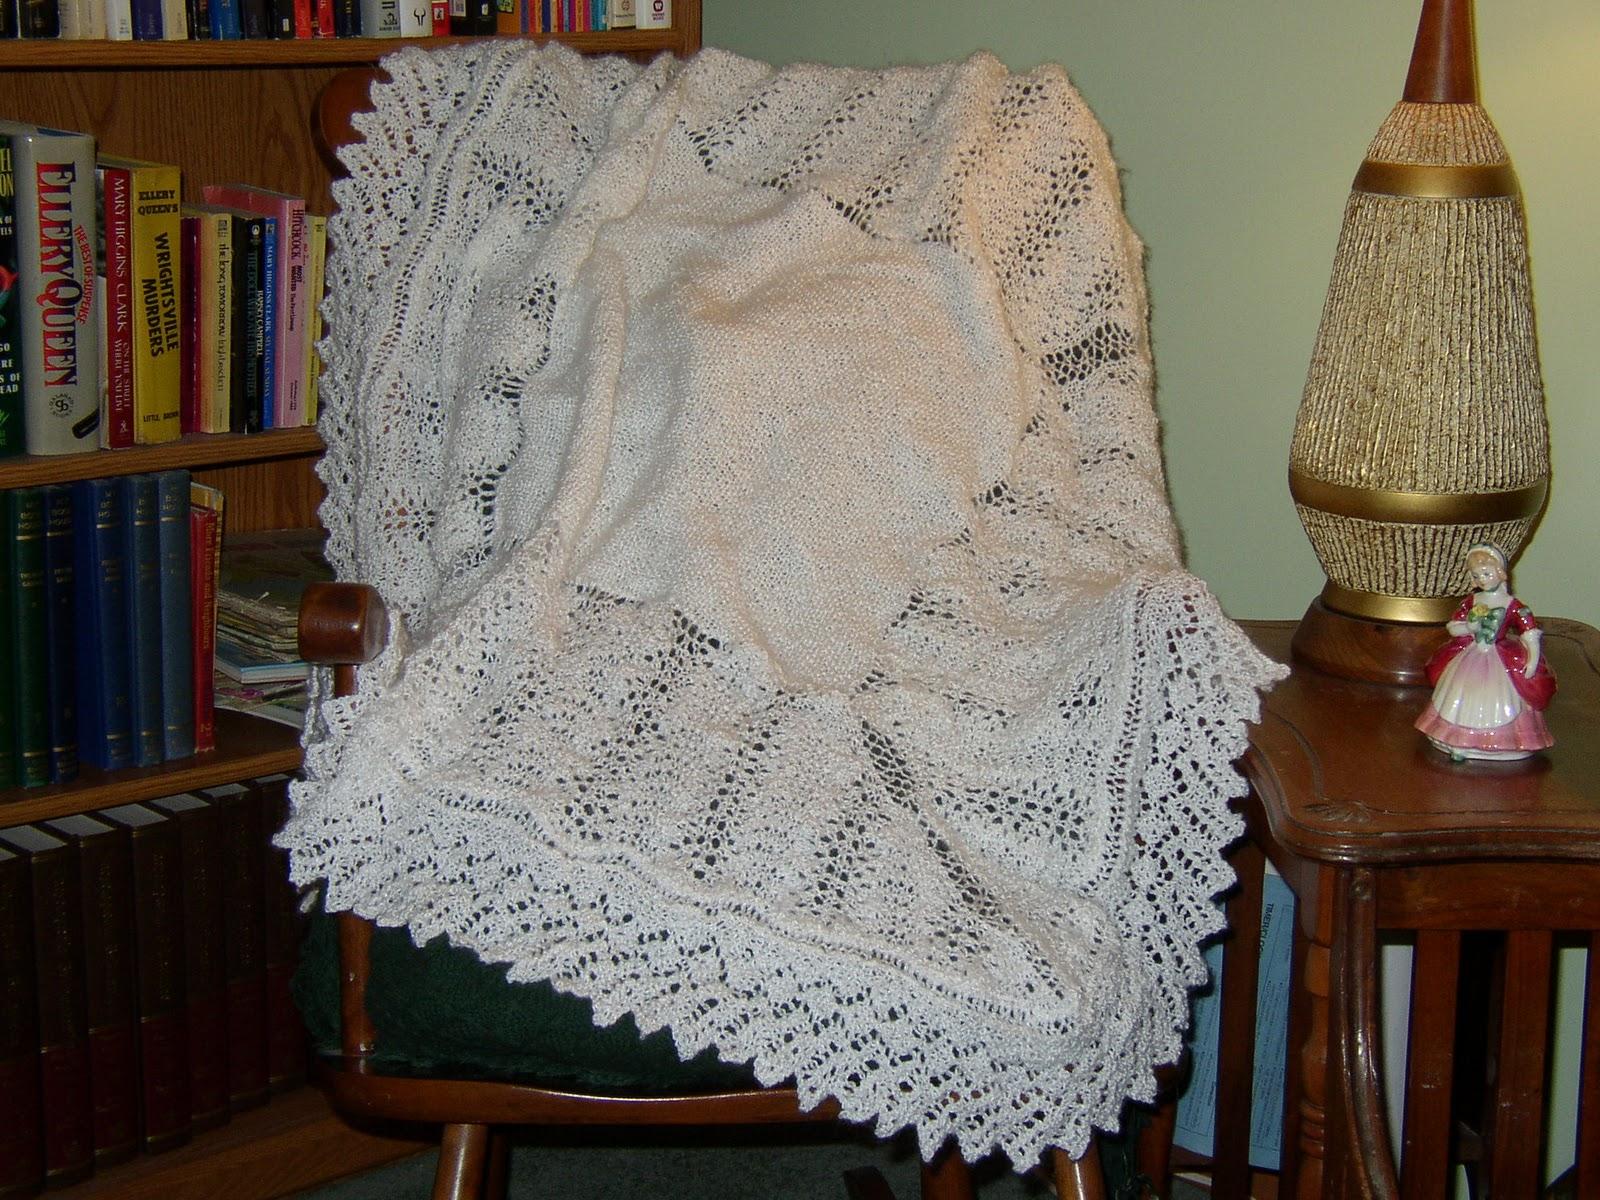 Nittineedles: Shetland Lace Shawl